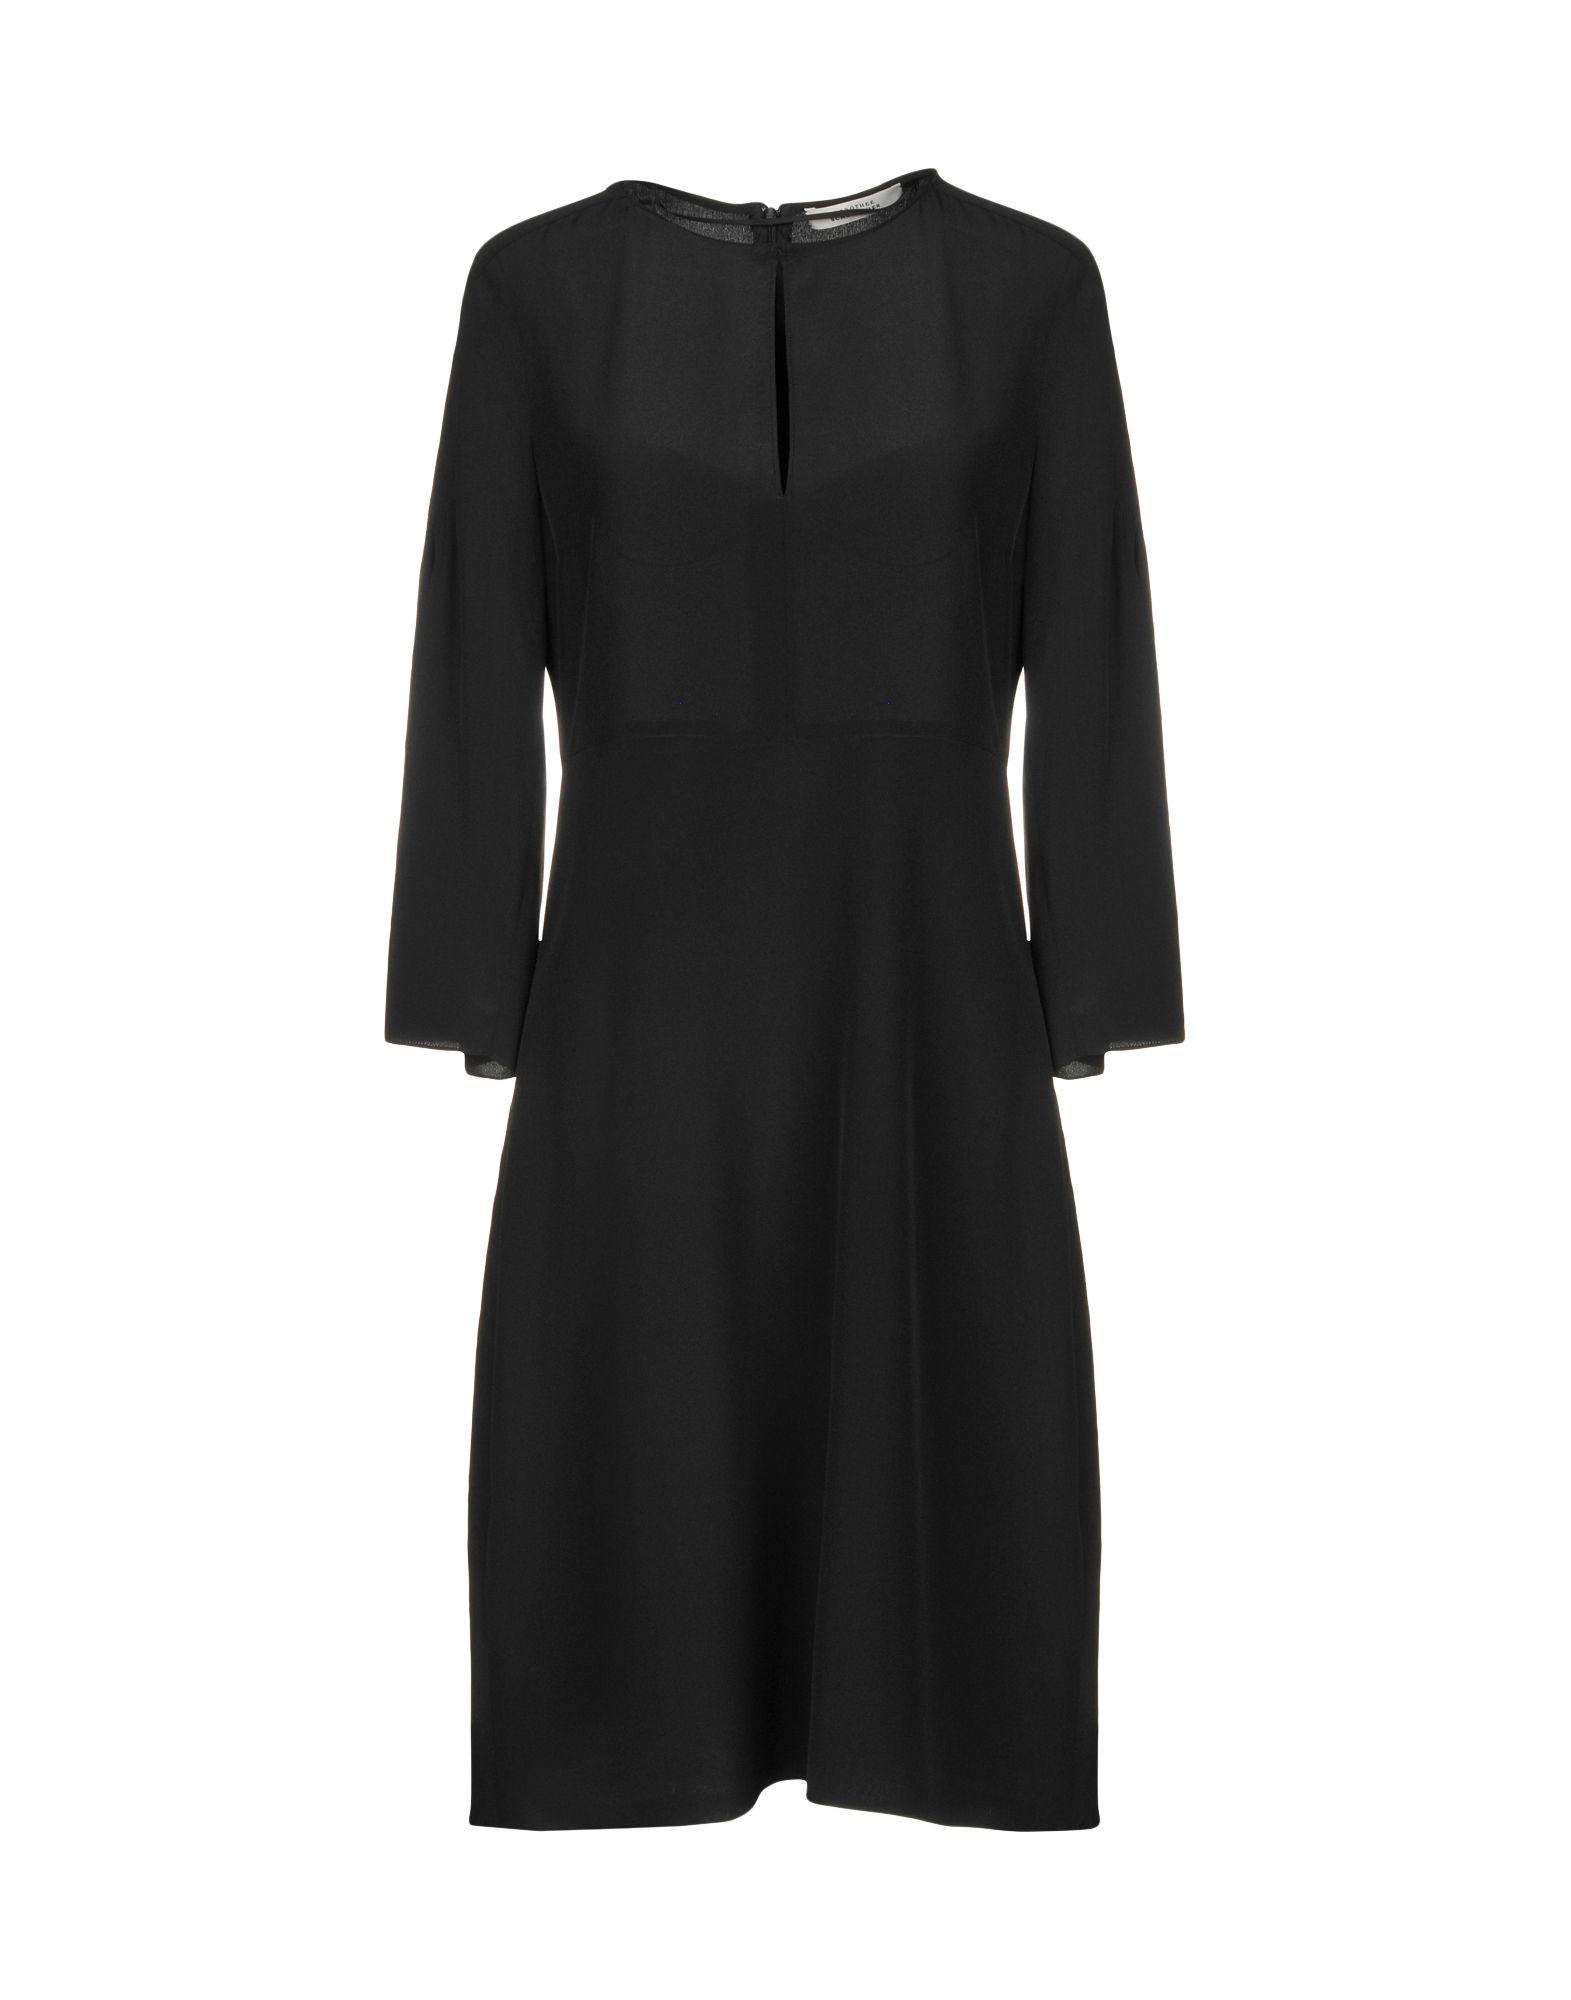 DOROTHEE SCHUMACHER Короткое платье dorothee schumacher юбка длиной 3 4